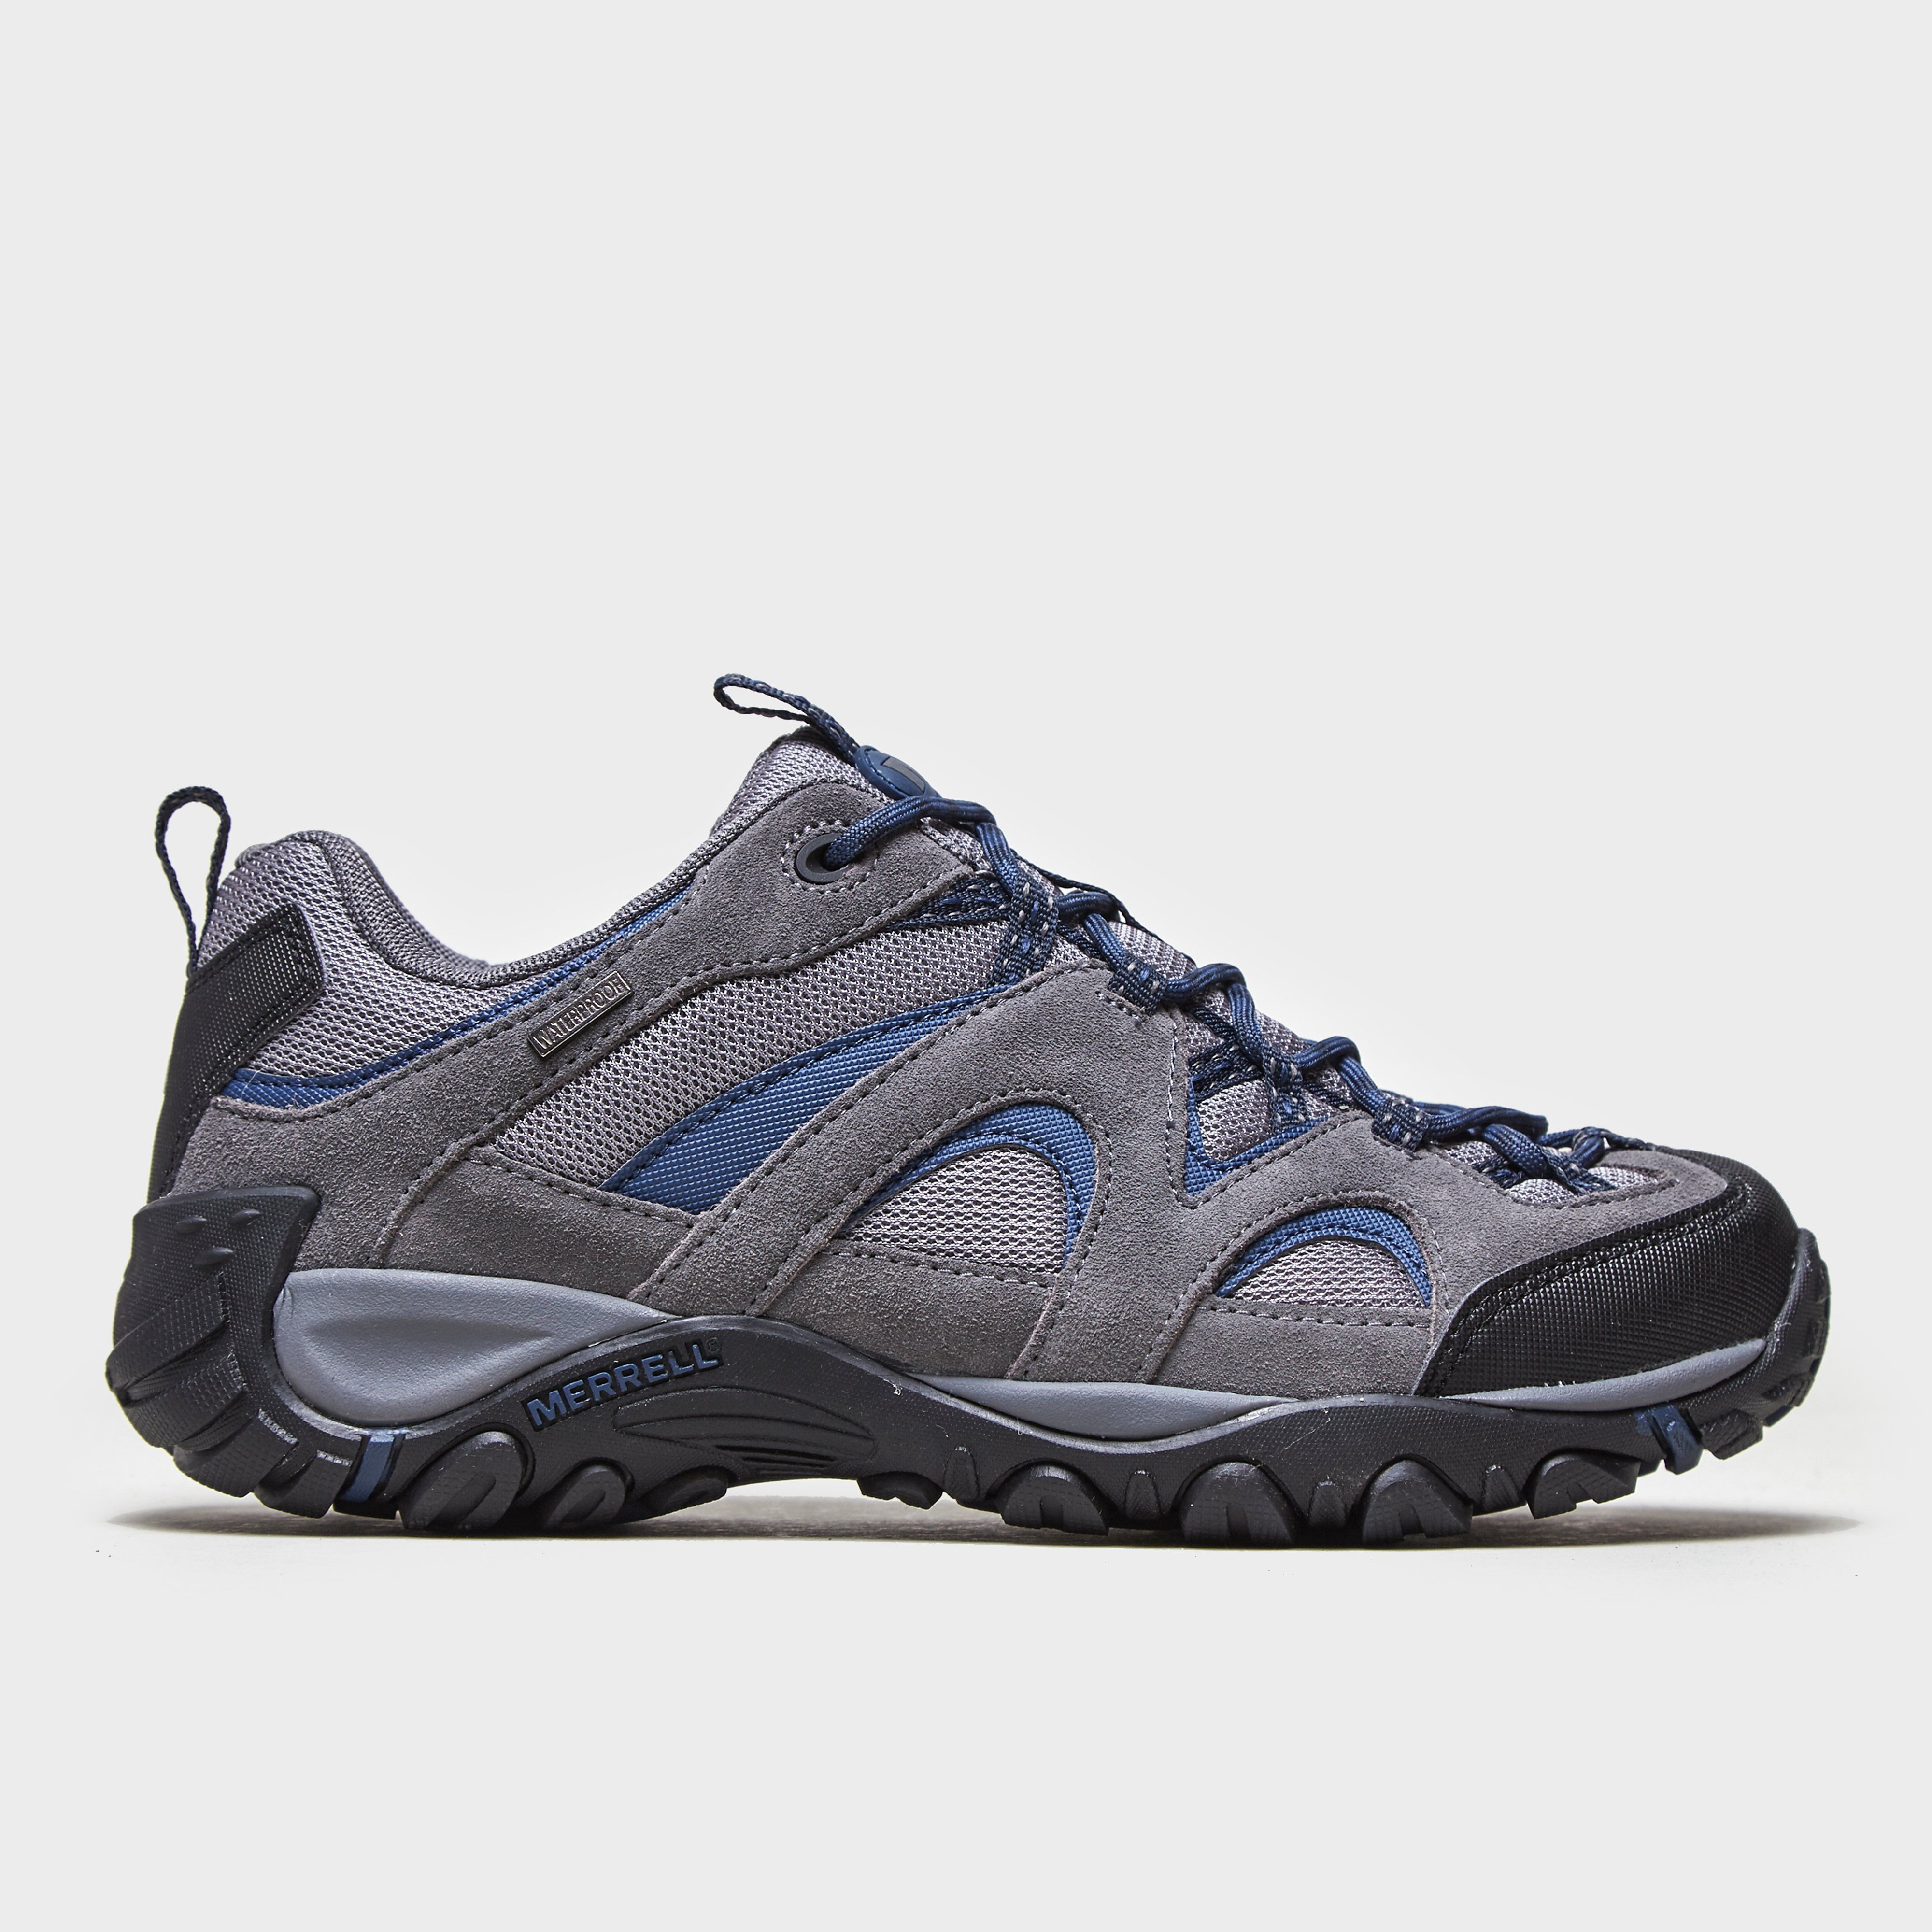 MERRELL Men's Energis Walking Shoe